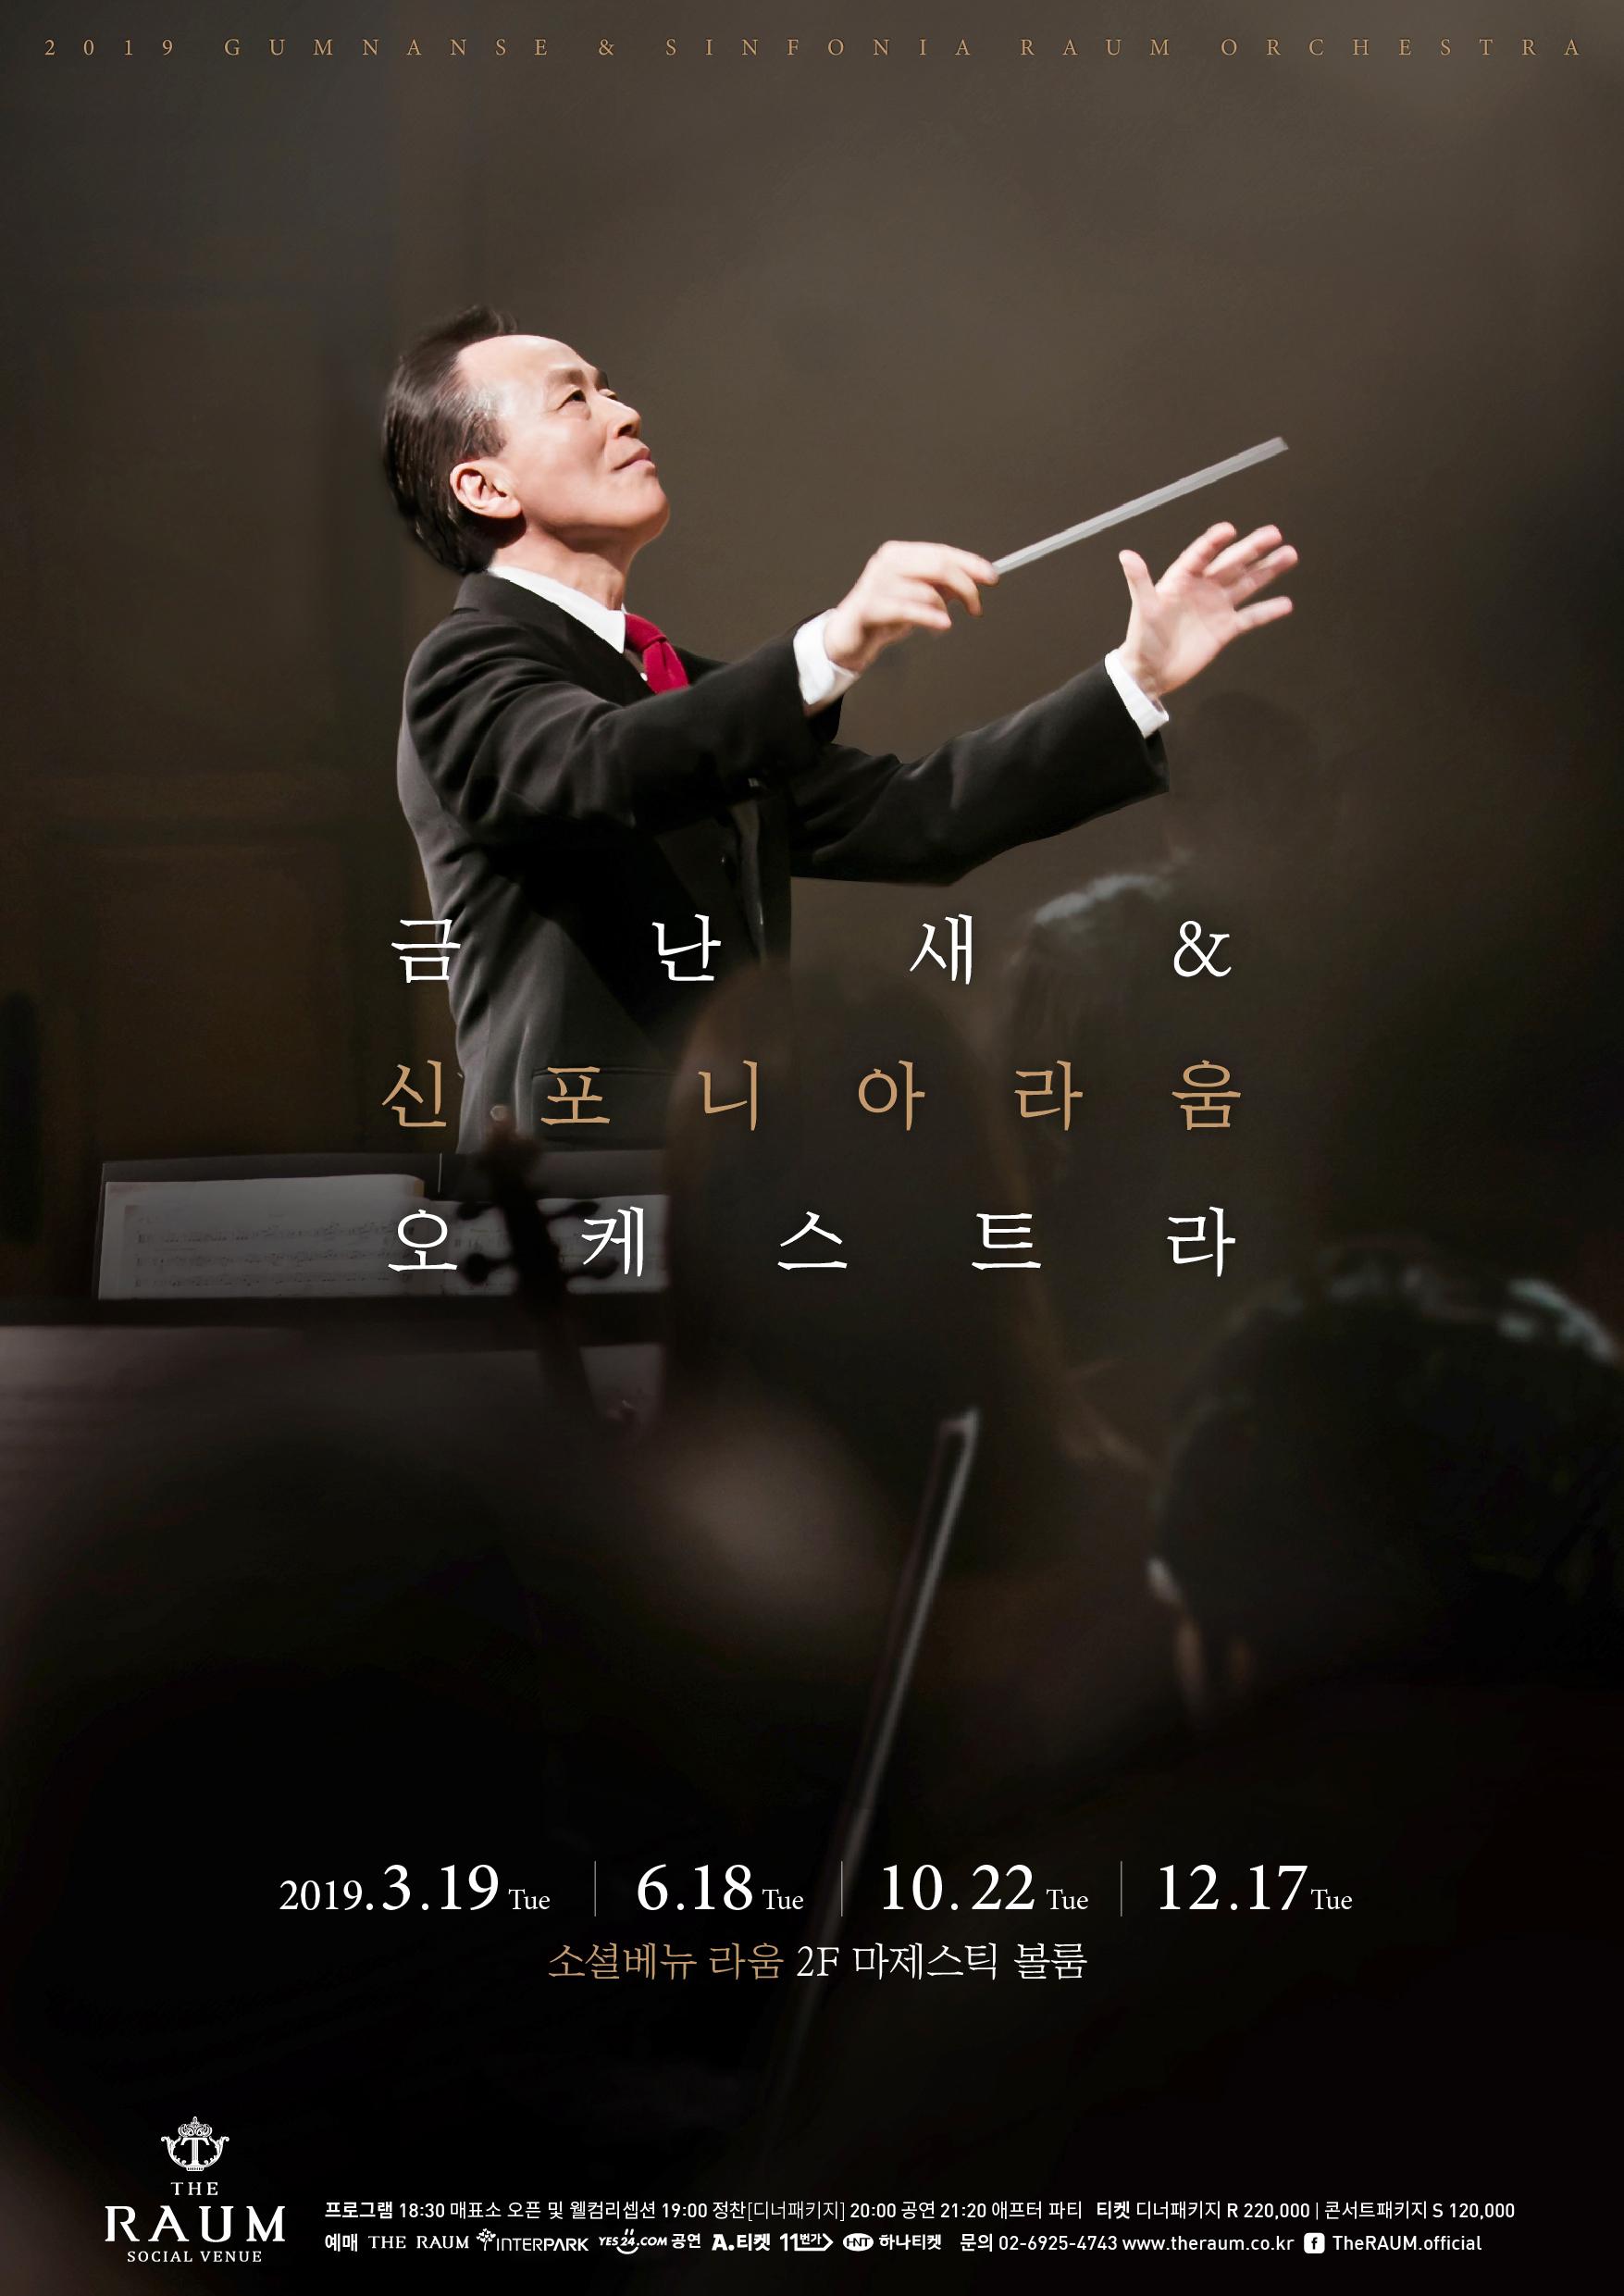 금난새 & 신포니아 라움 오케스트라 '정기연주회 Ⅳ'